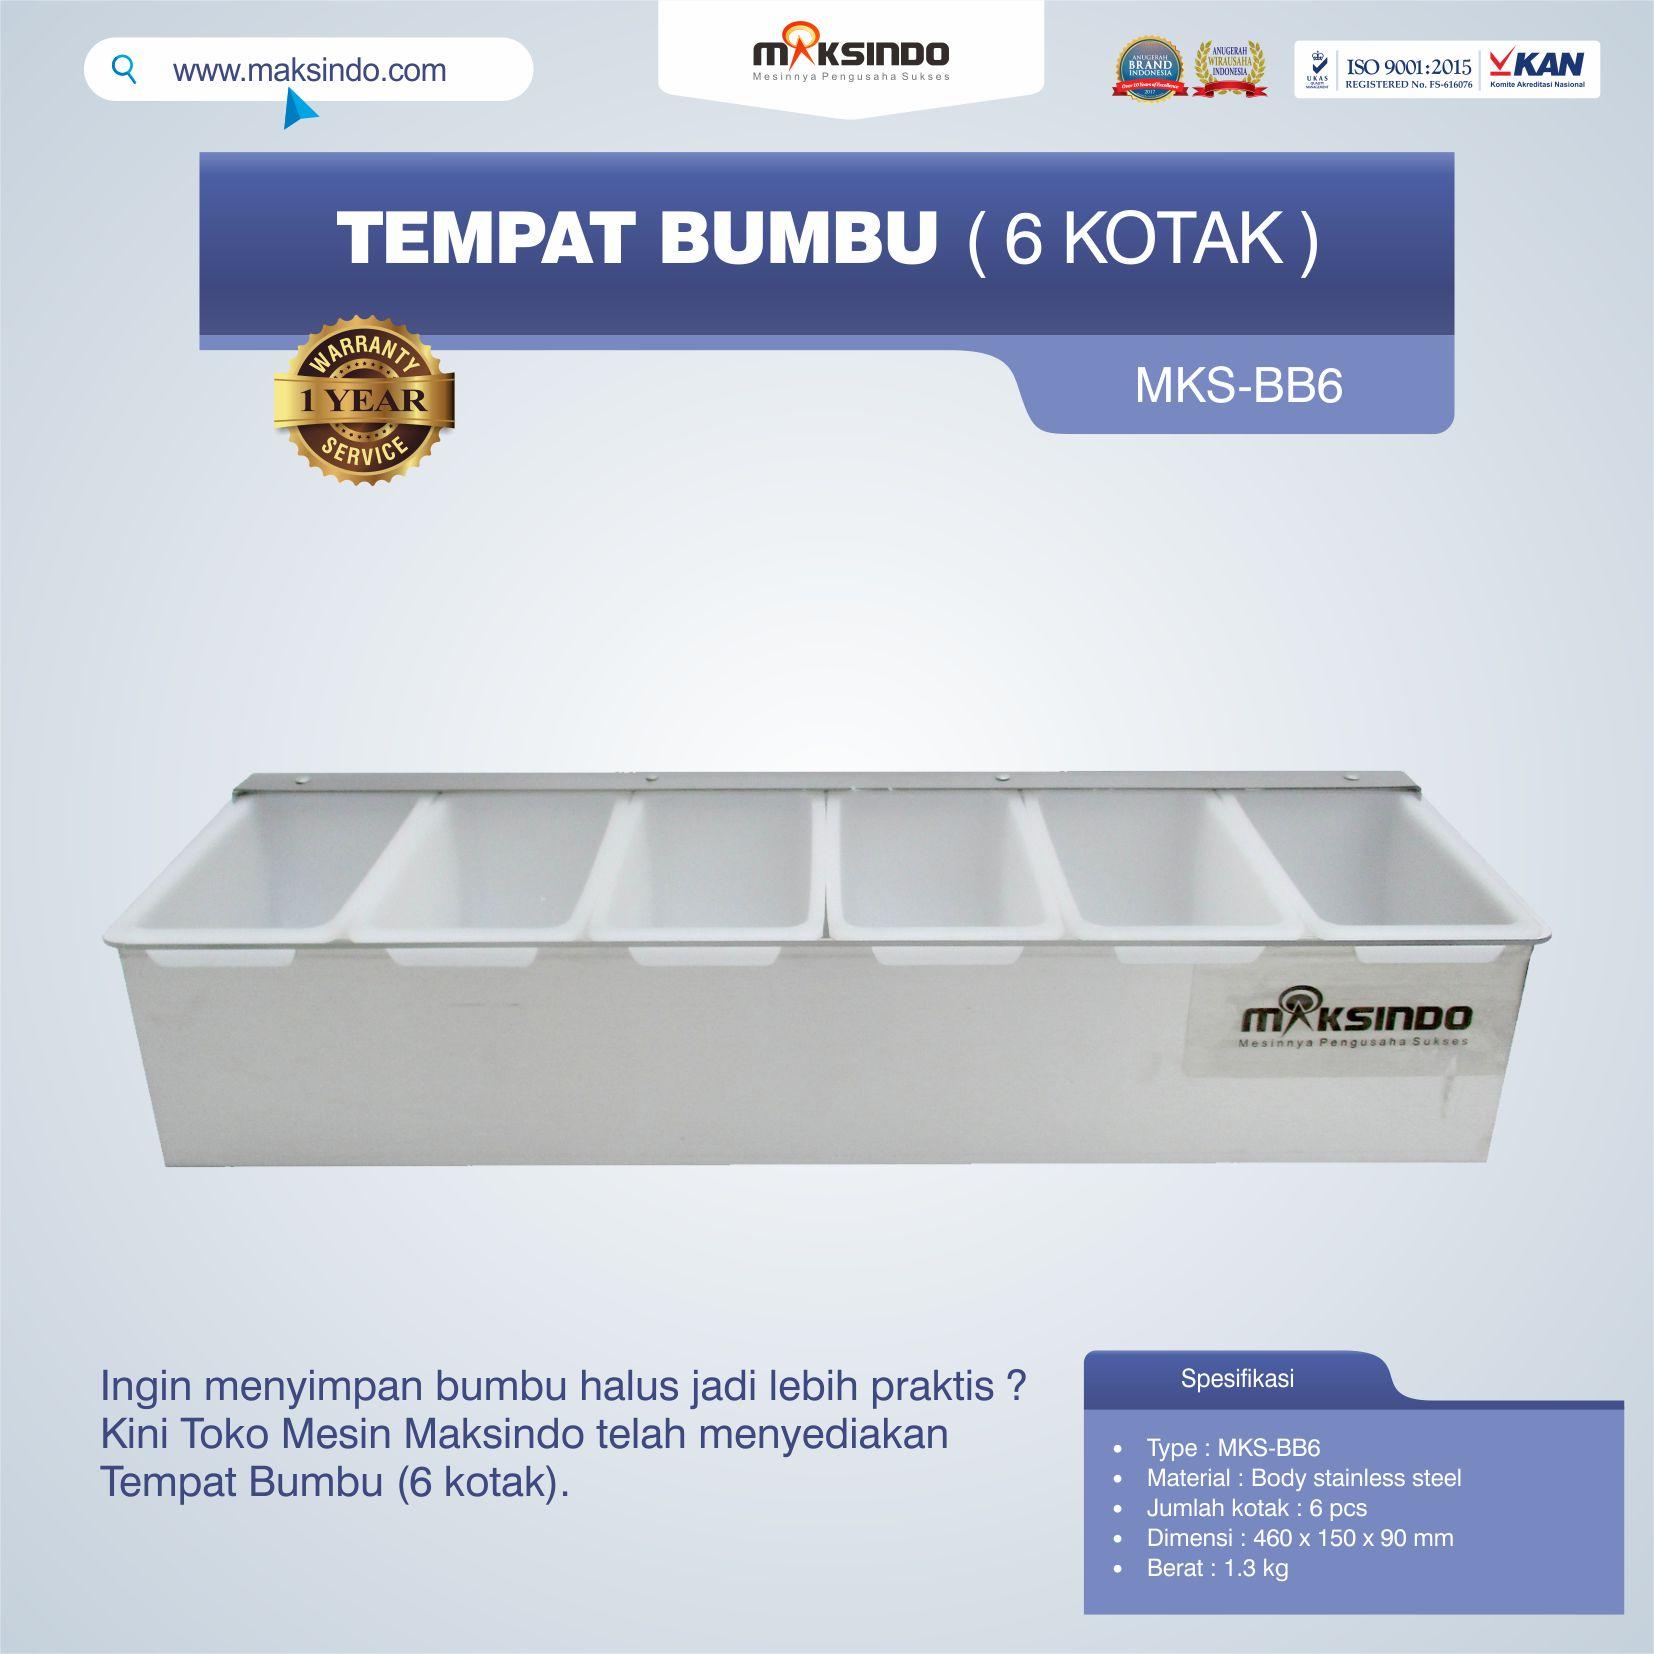 Jual Tempat Bumbu (6 Kotak) Di Tangerang